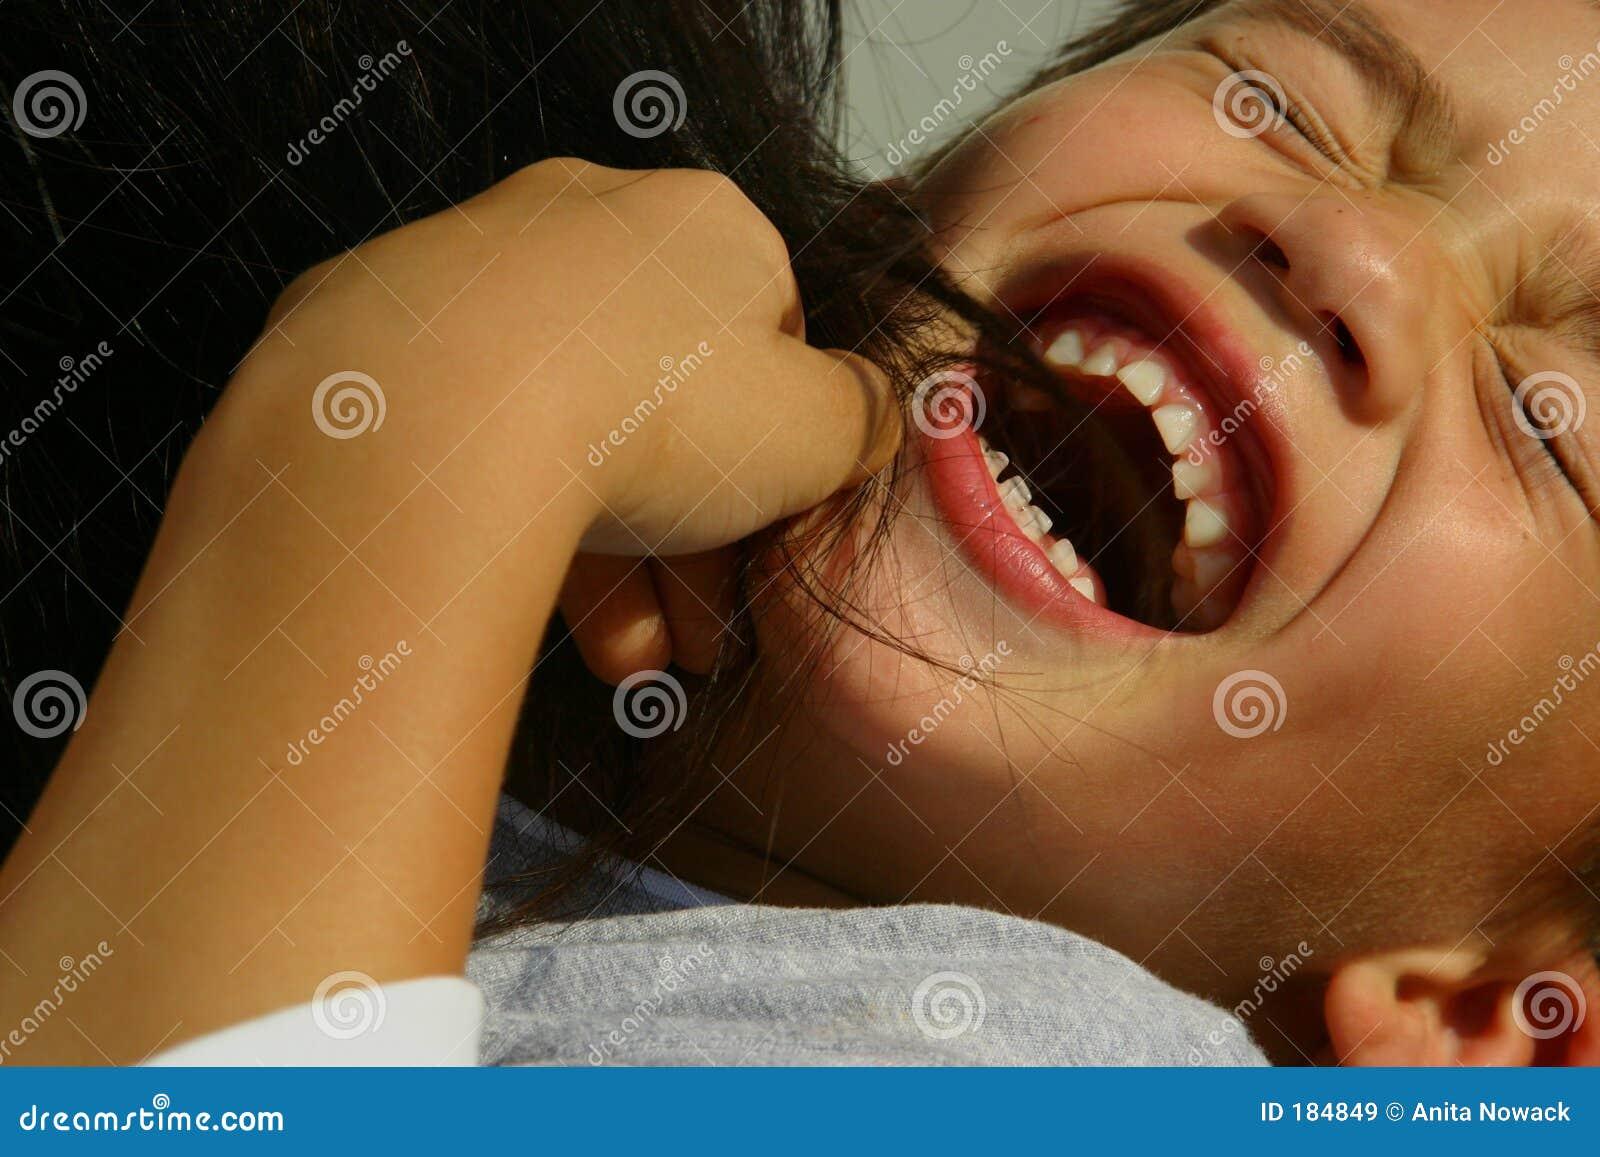 Muchacho cosquilleado de risa